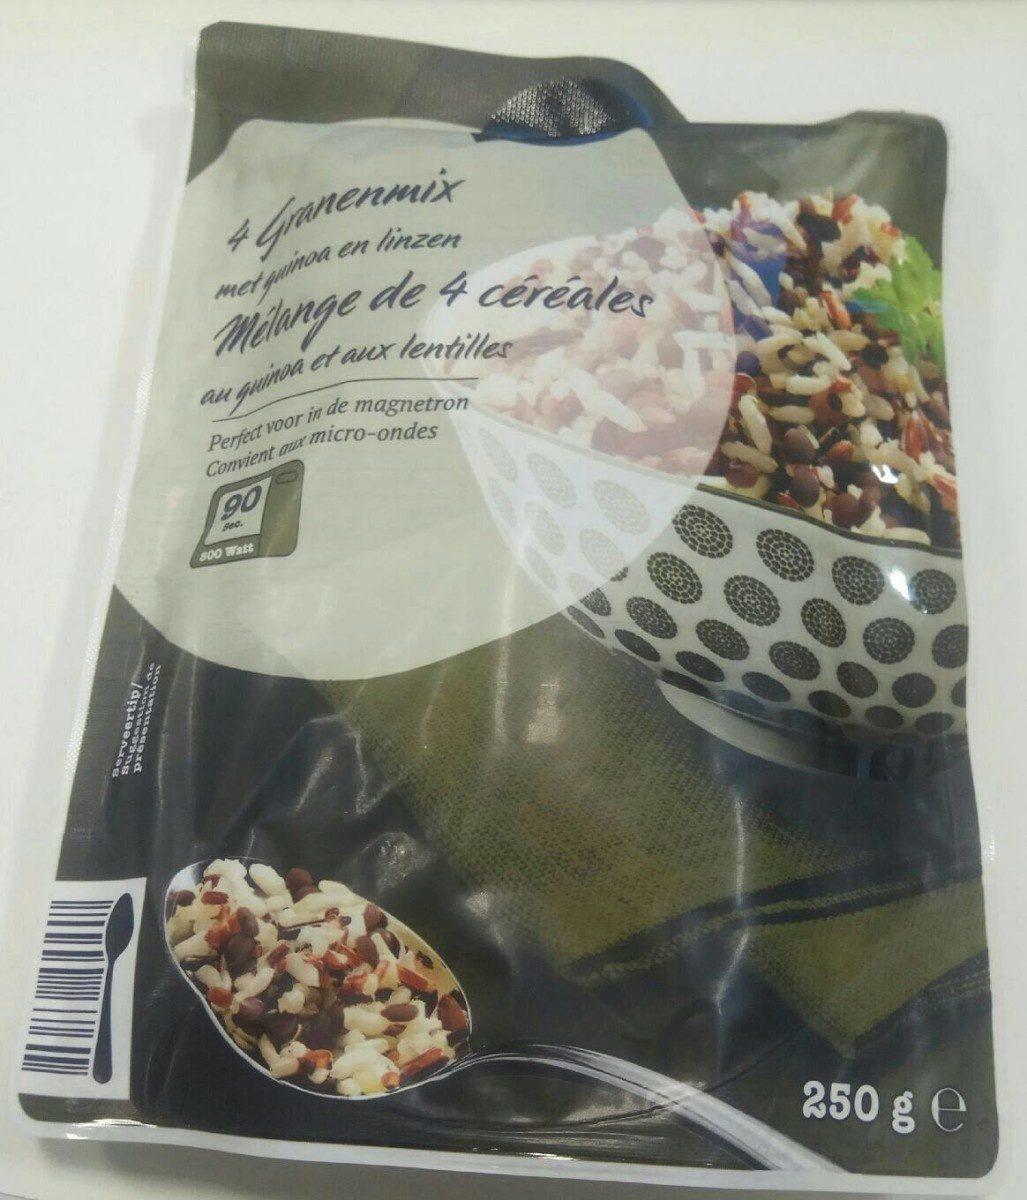 Mélange de 4 céréales - Product - fr